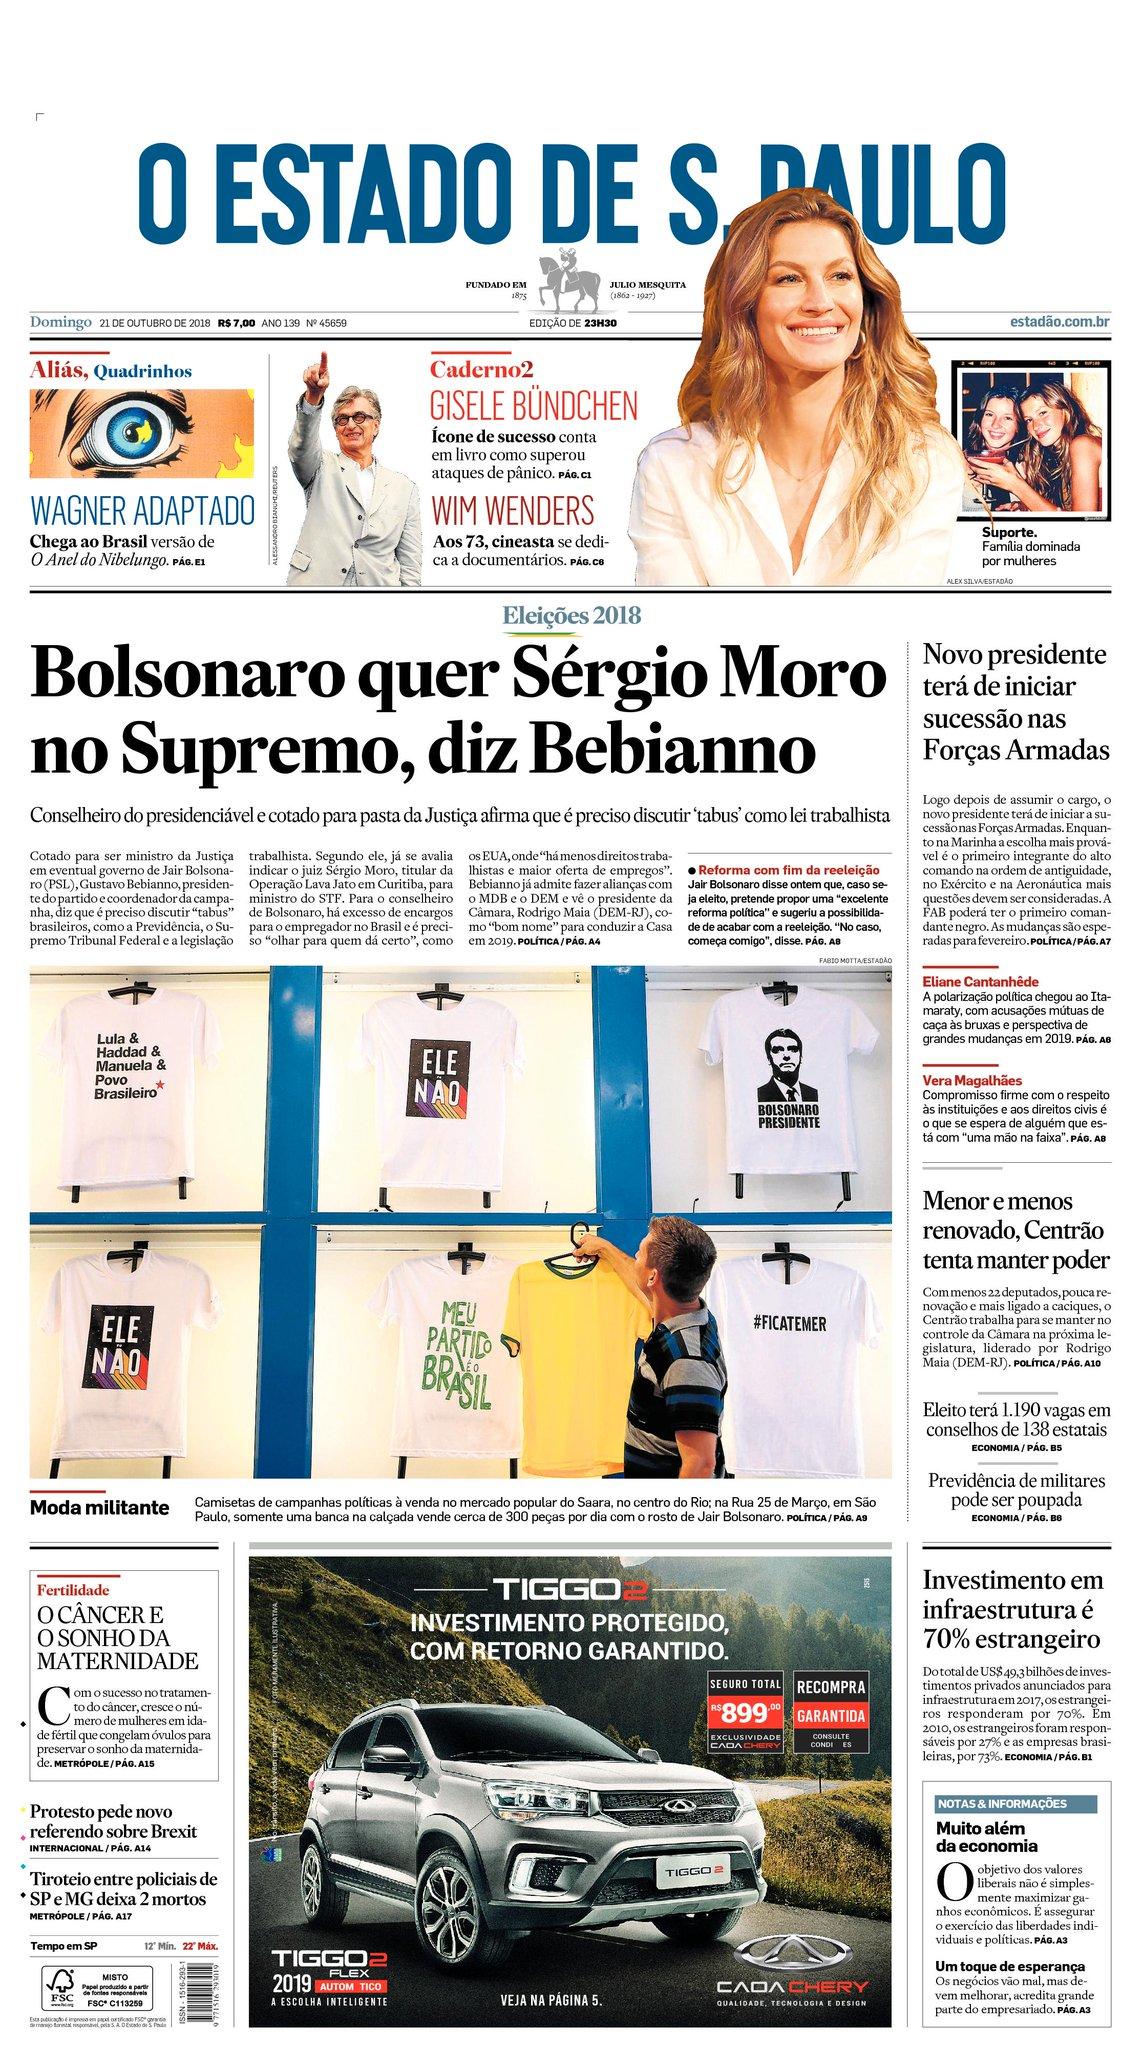 CAPA: Bolsonaro quer Sérgio Moro no Supremo, diz presidente do PSL https://t.co/LsmMfK1dT7 https://t.co/GcryXbL2Jr